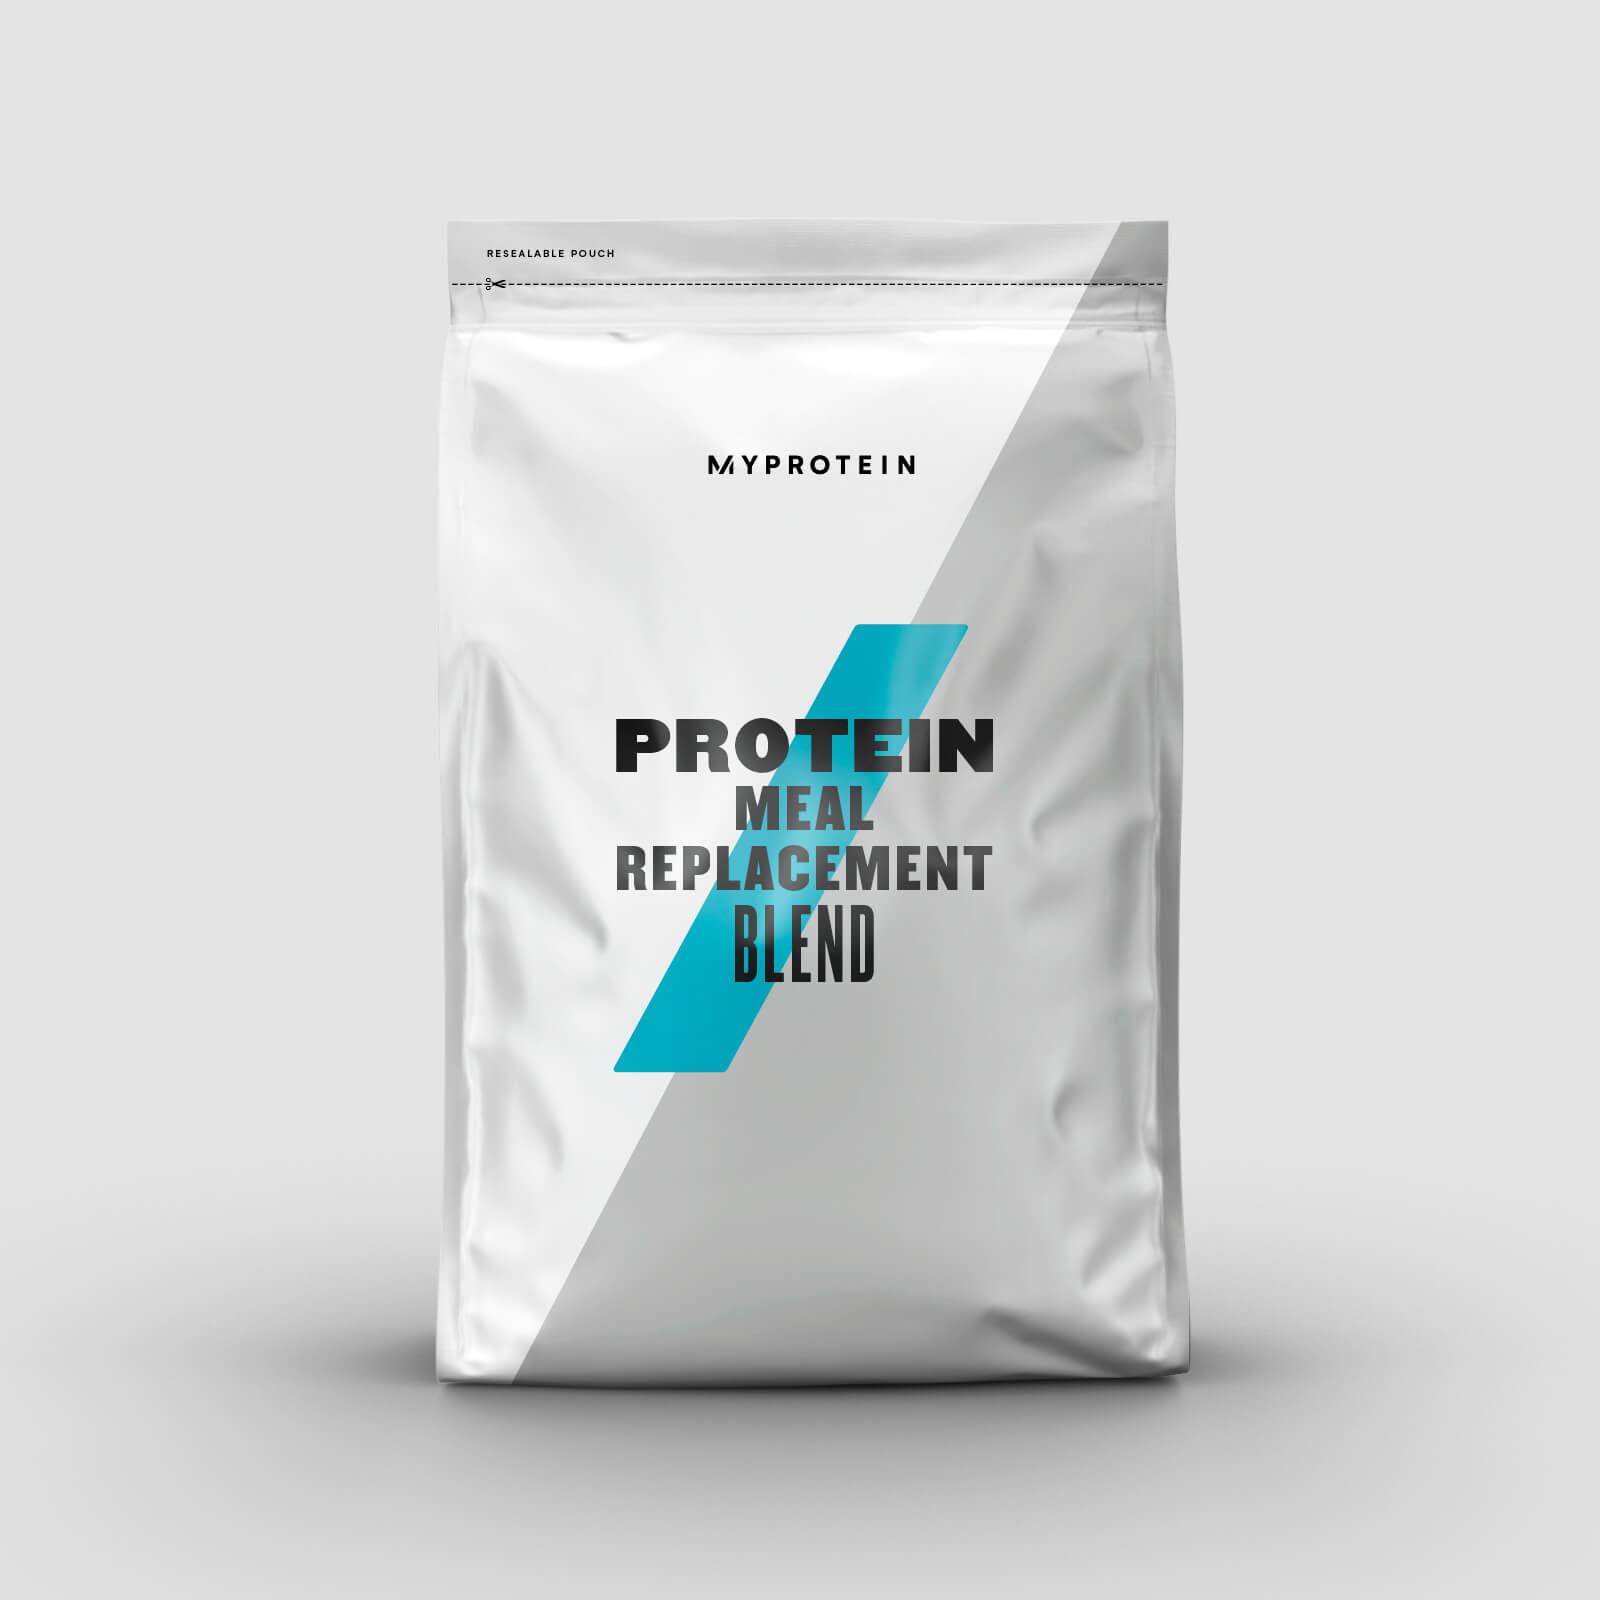 Купить Протеиновая смесь для замены приема пищи - 500g - Клубника, Myprotein International